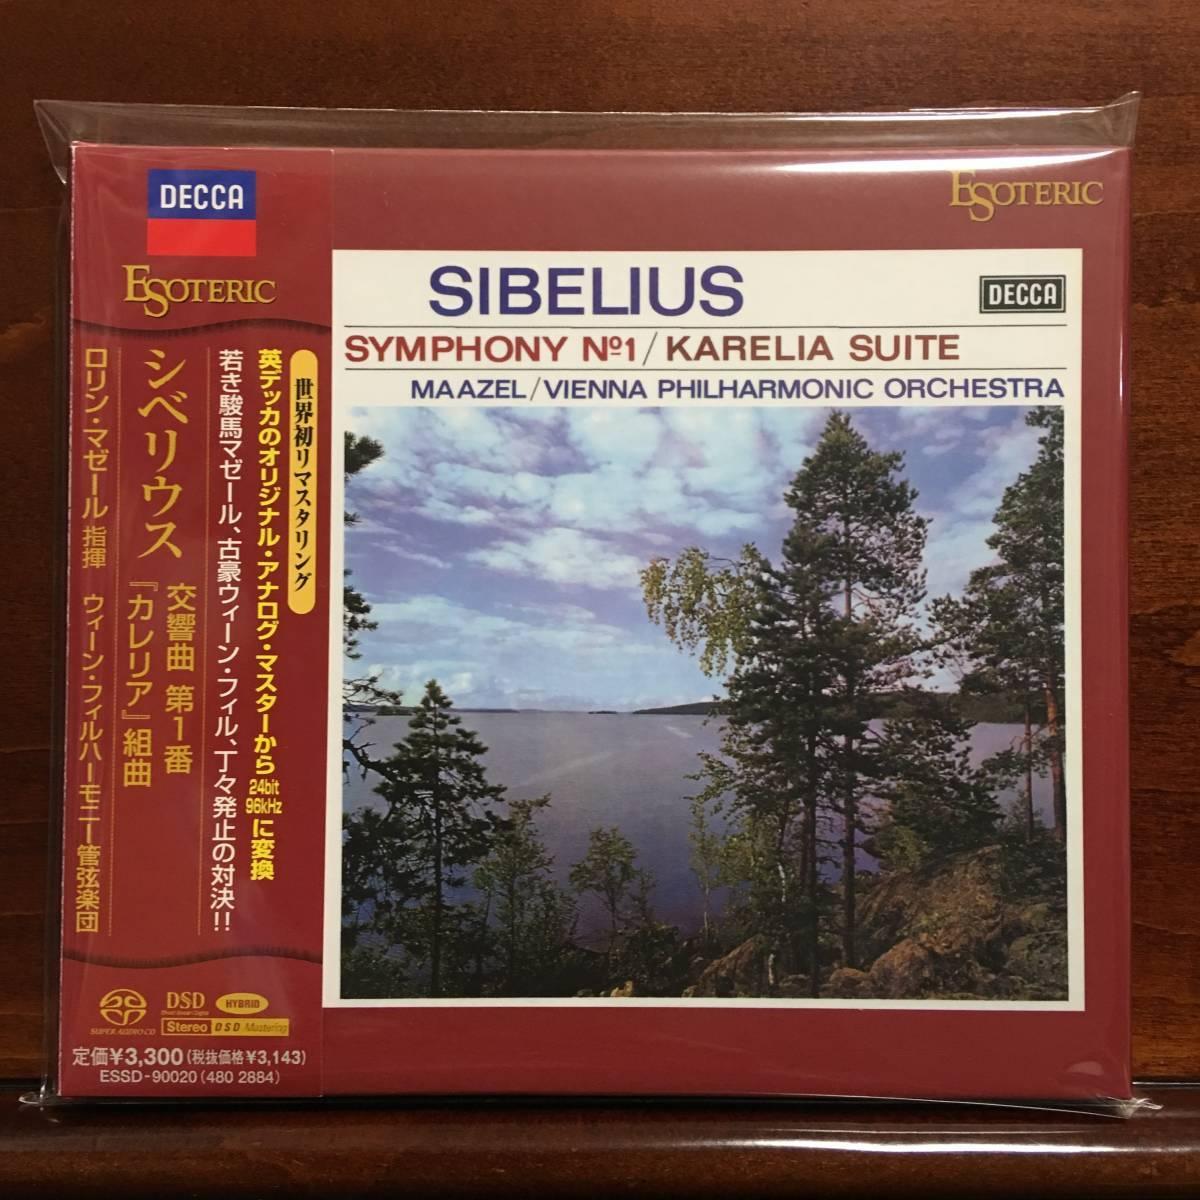 【極美品】★ESOTERIC マゼール シベリウス 交響曲第1番 SACD エソテリック